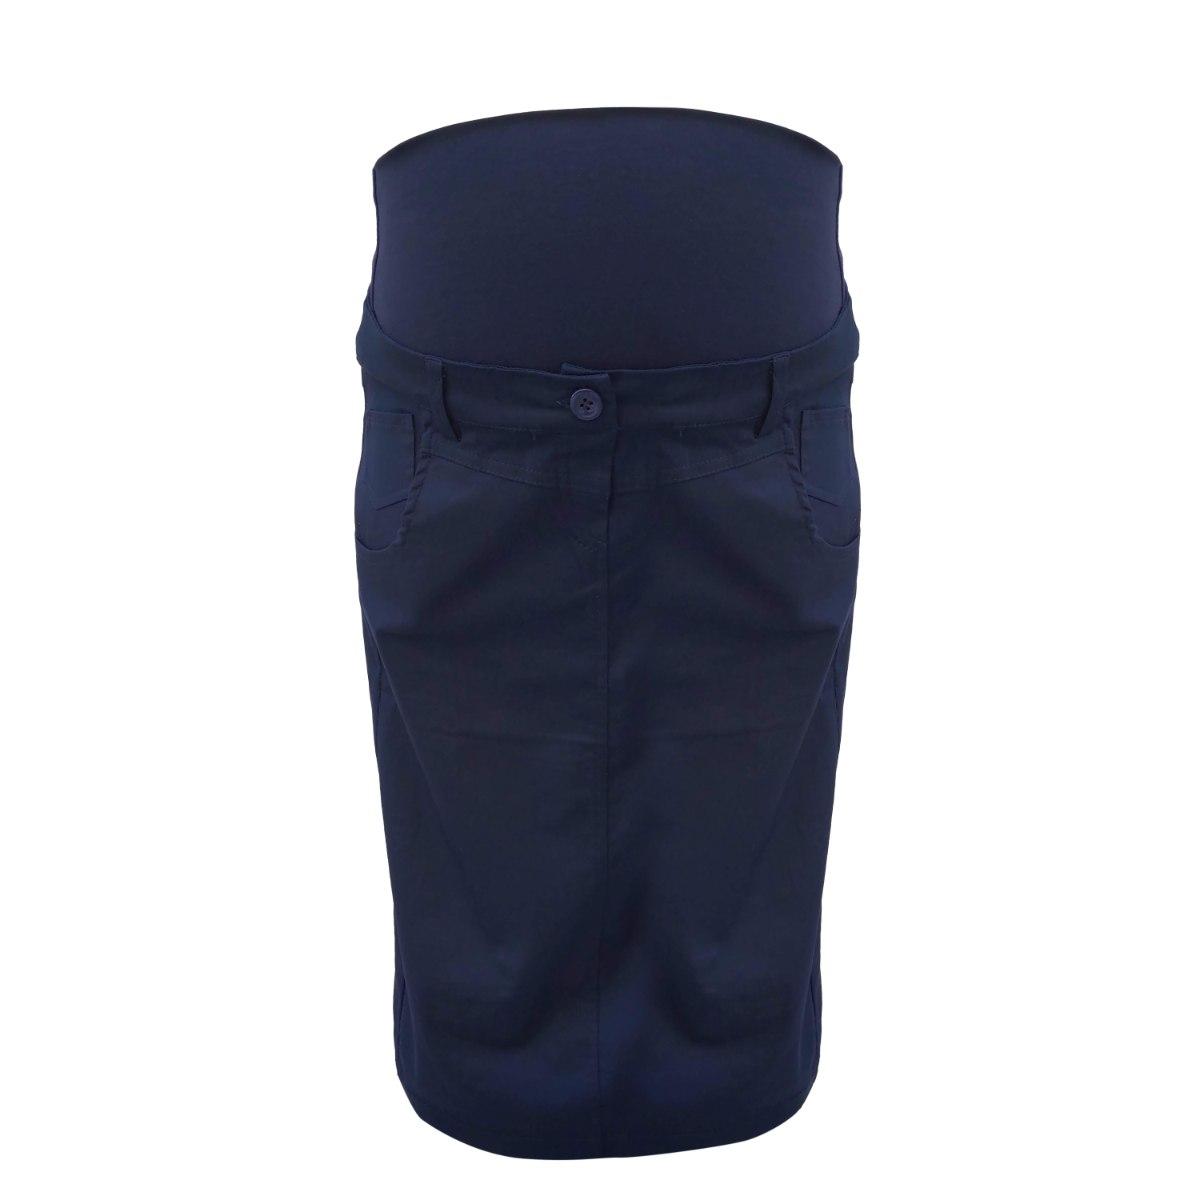 חצאית מיכל של חברת karinoy